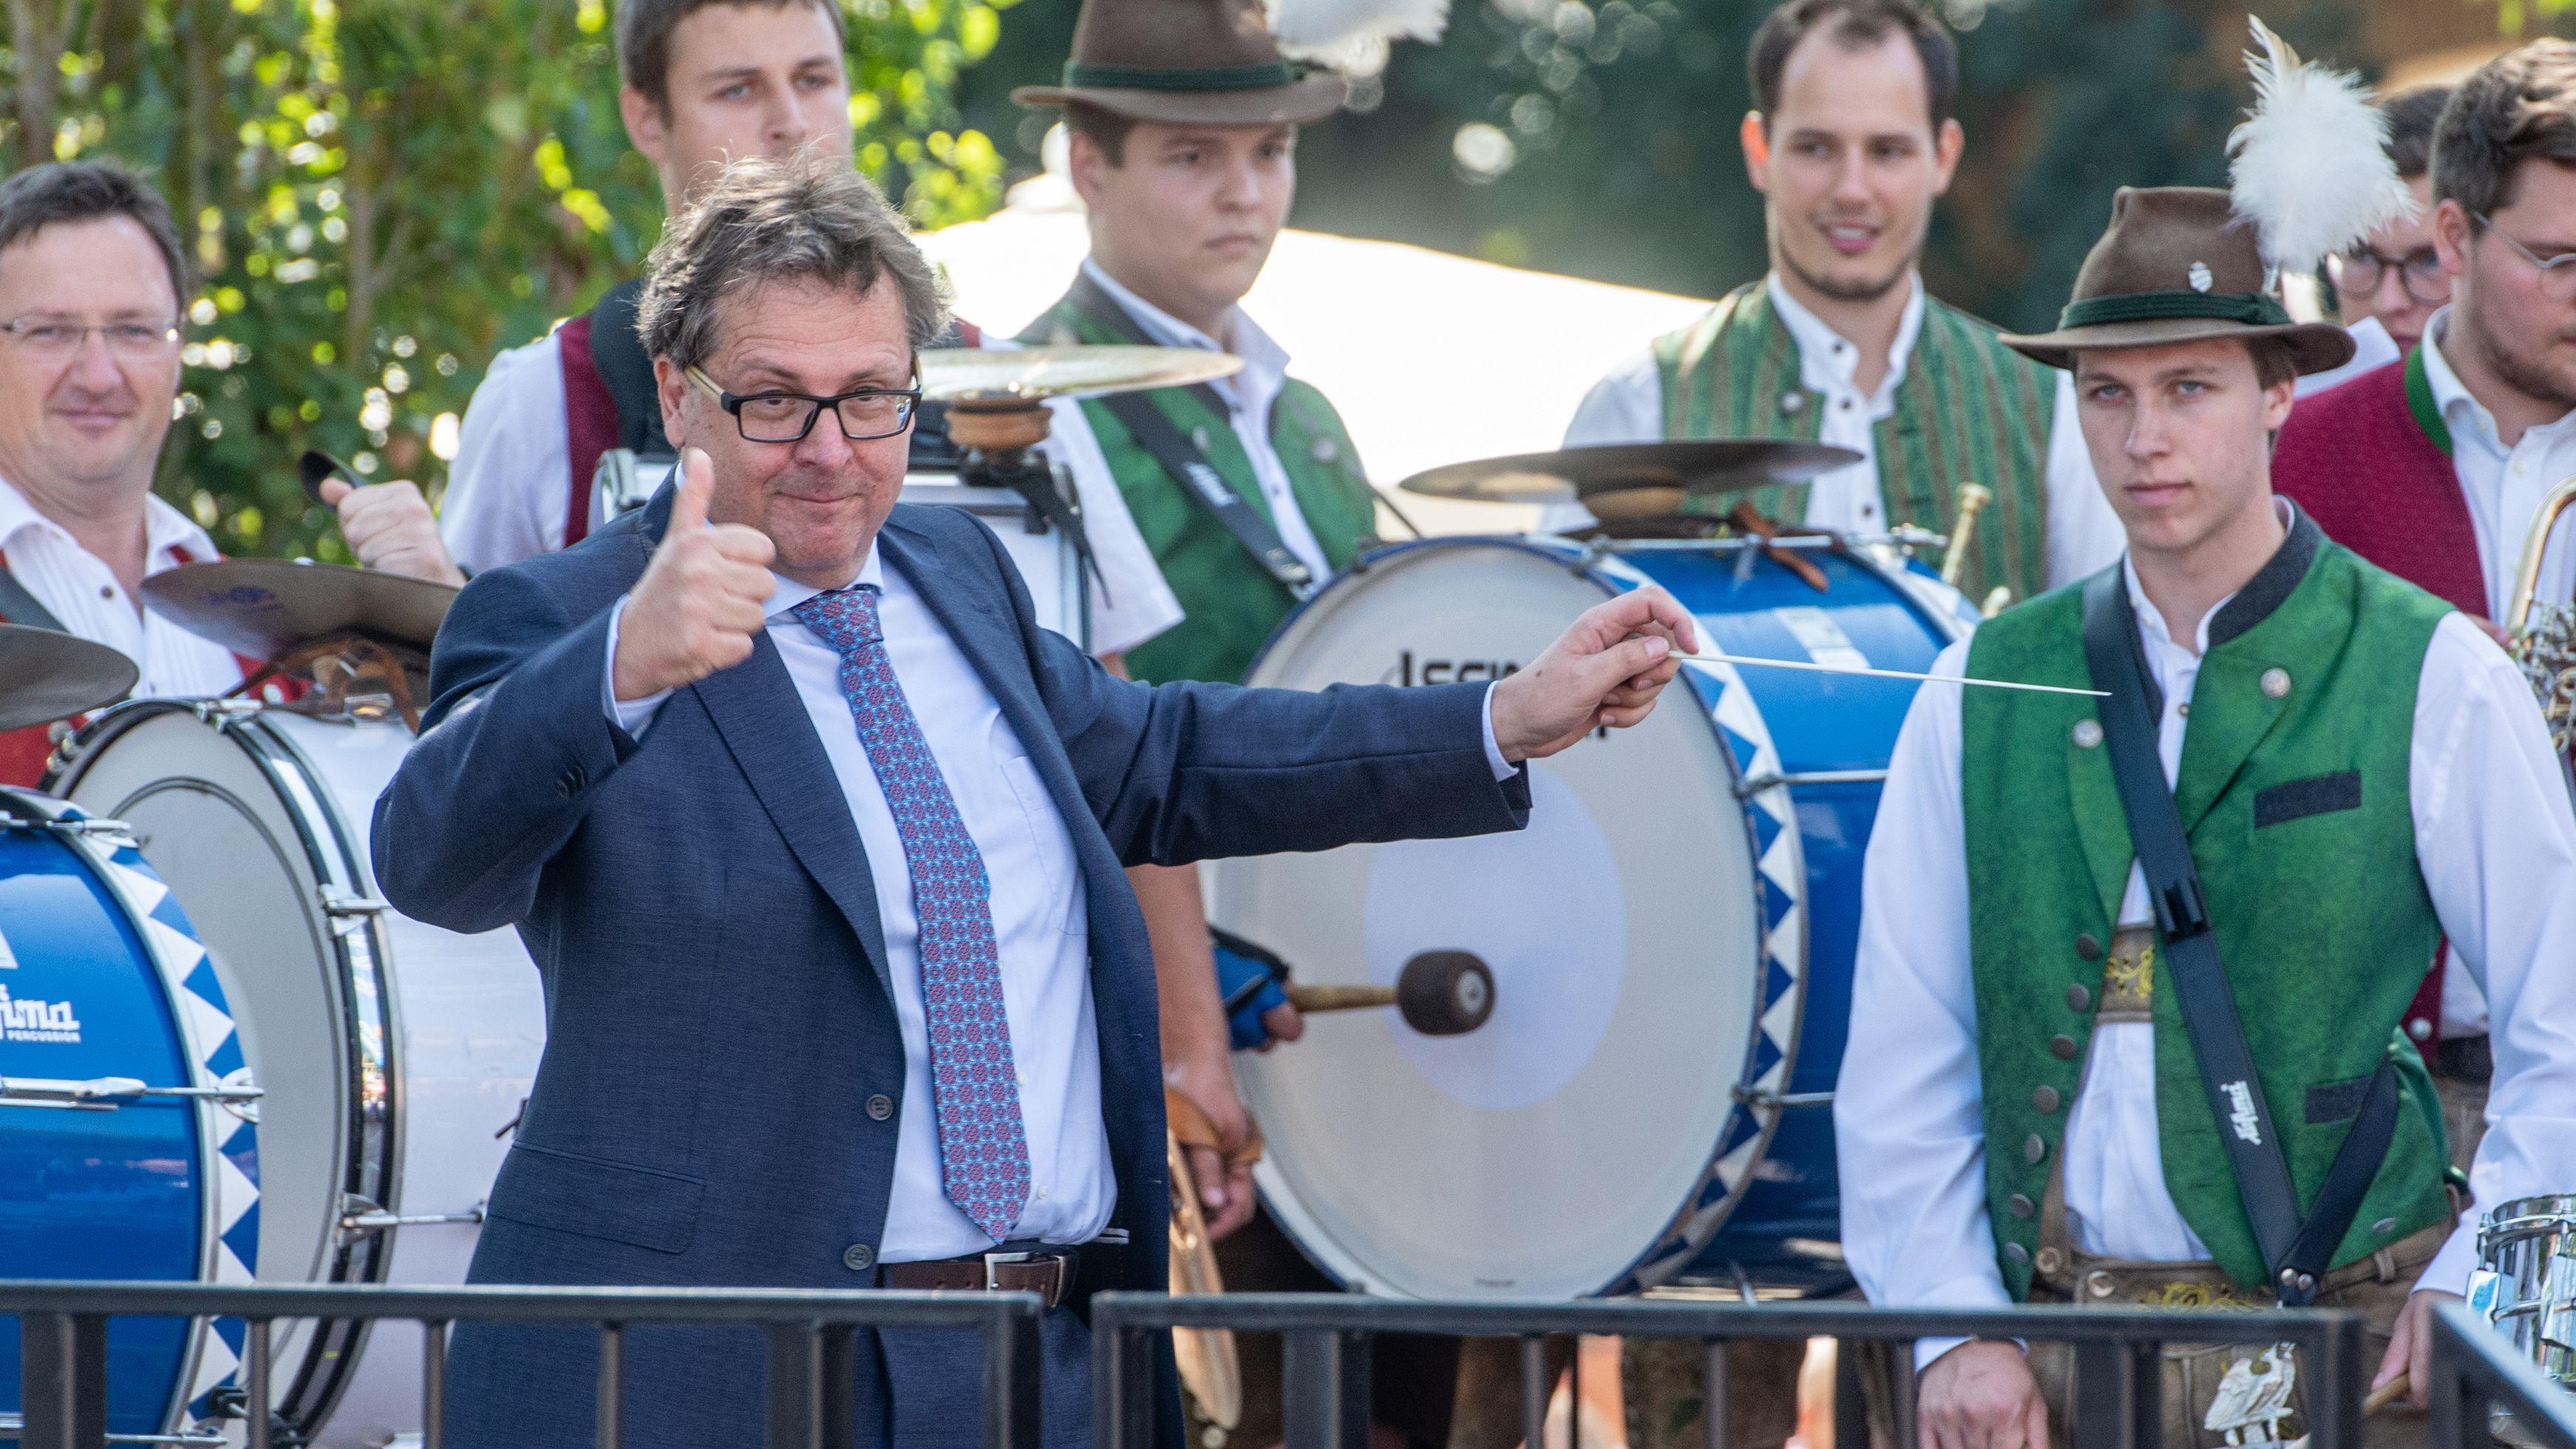 """Richard Loibl dirigiert vor der Verleihung des Dialektpreises """"Bairische Sprachwurzel"""" eine bayerische Musikkapelle - Tradition für Preisträger."""